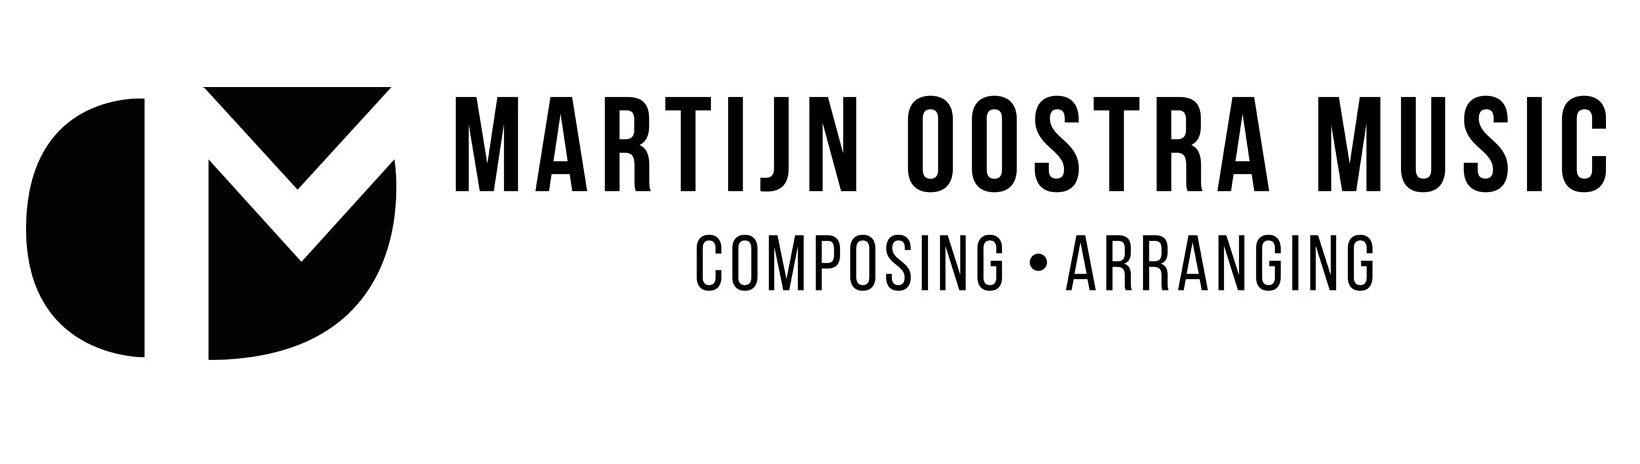 Martijn Oostra Music